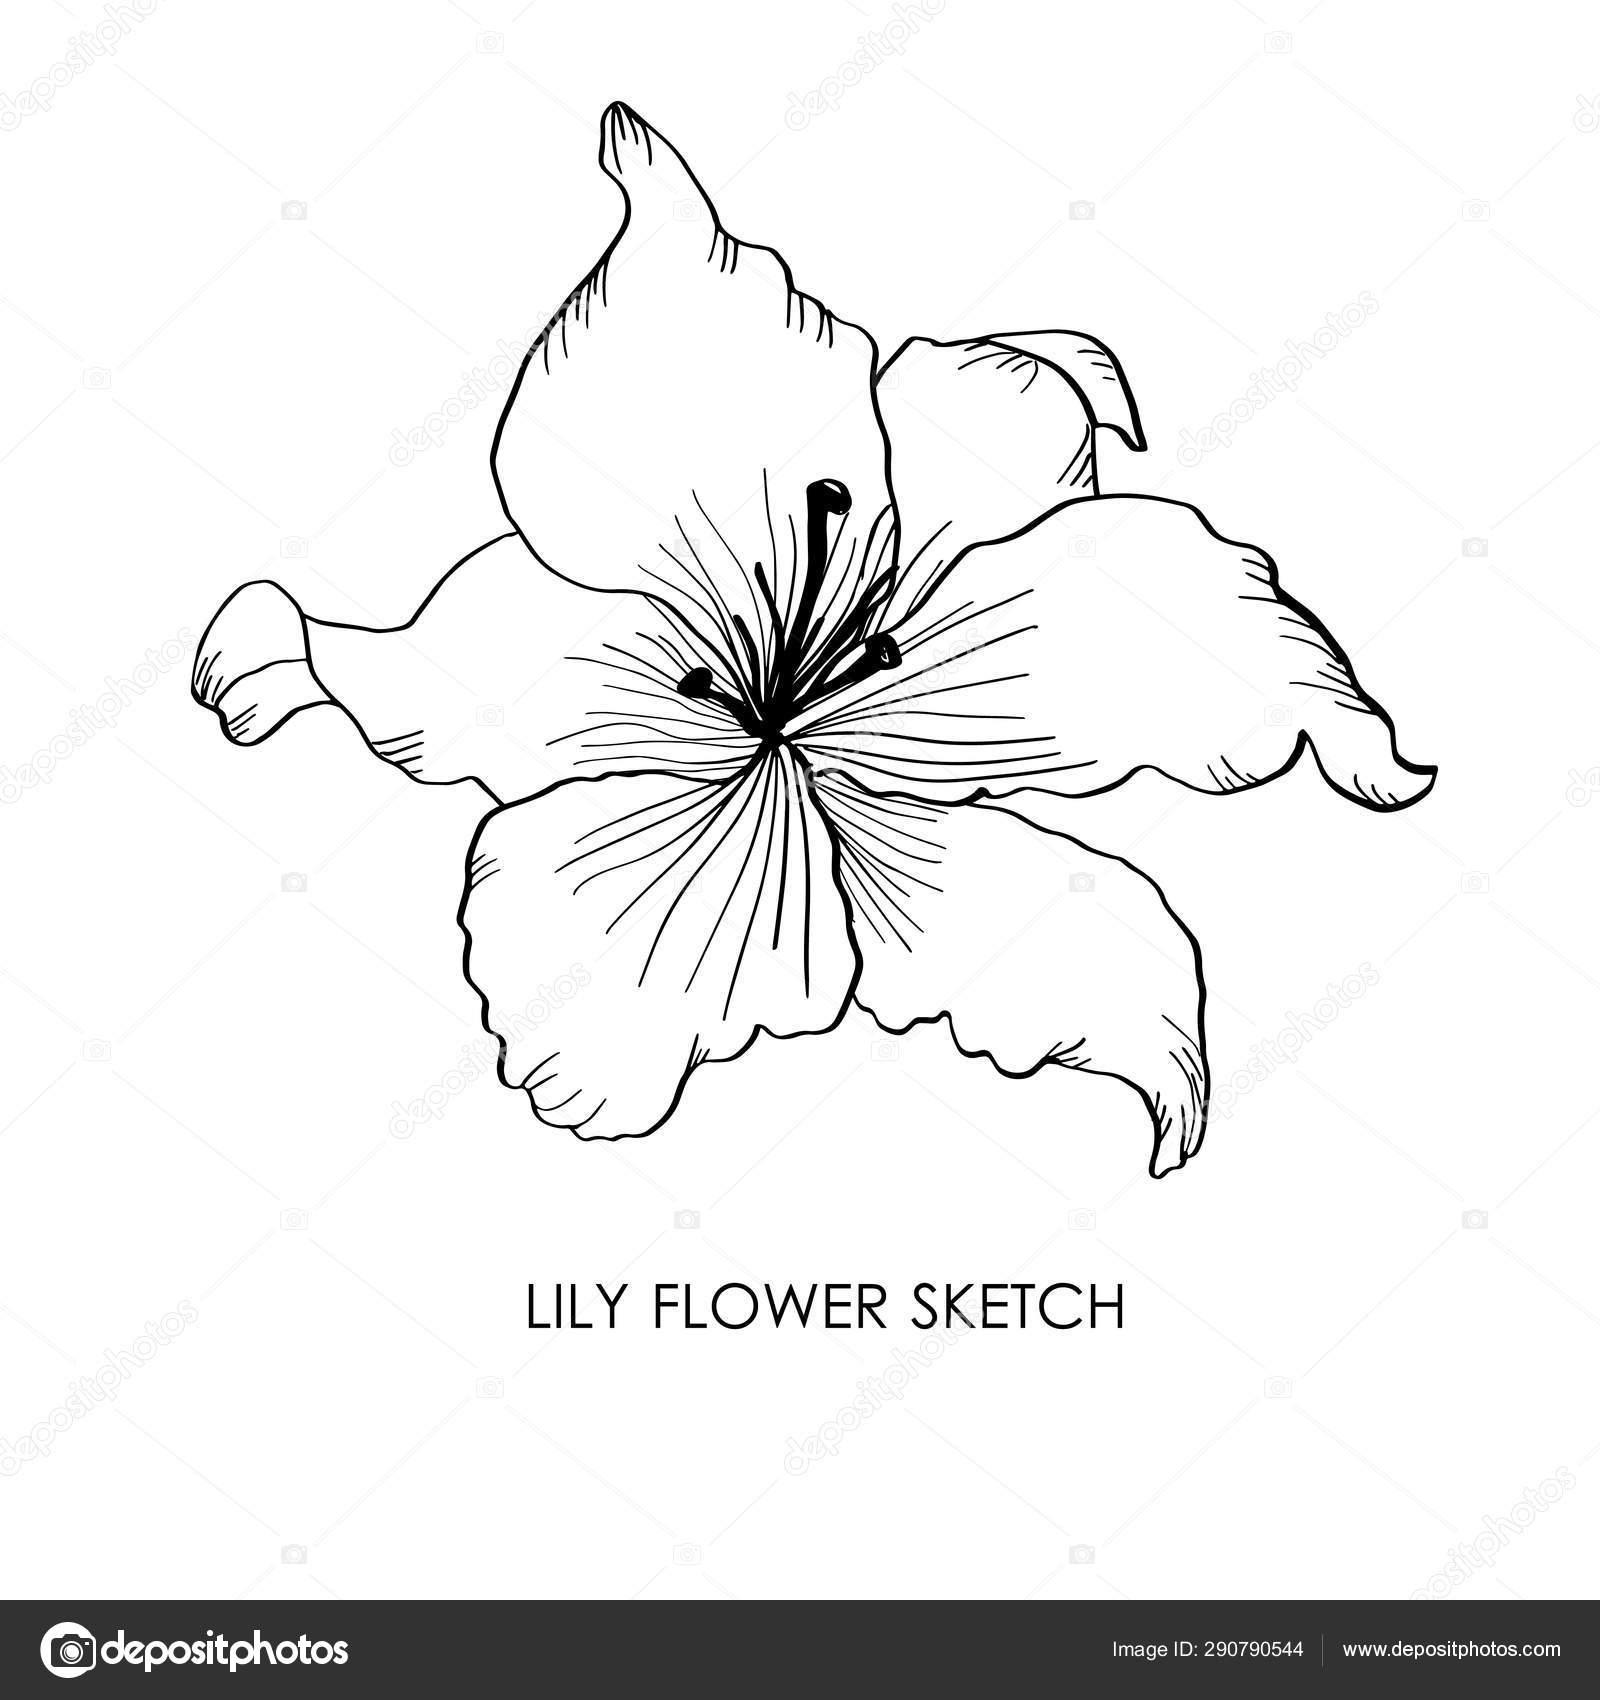 Lys Illustration De Vecteur De Fleur De Lys Dessinée à La